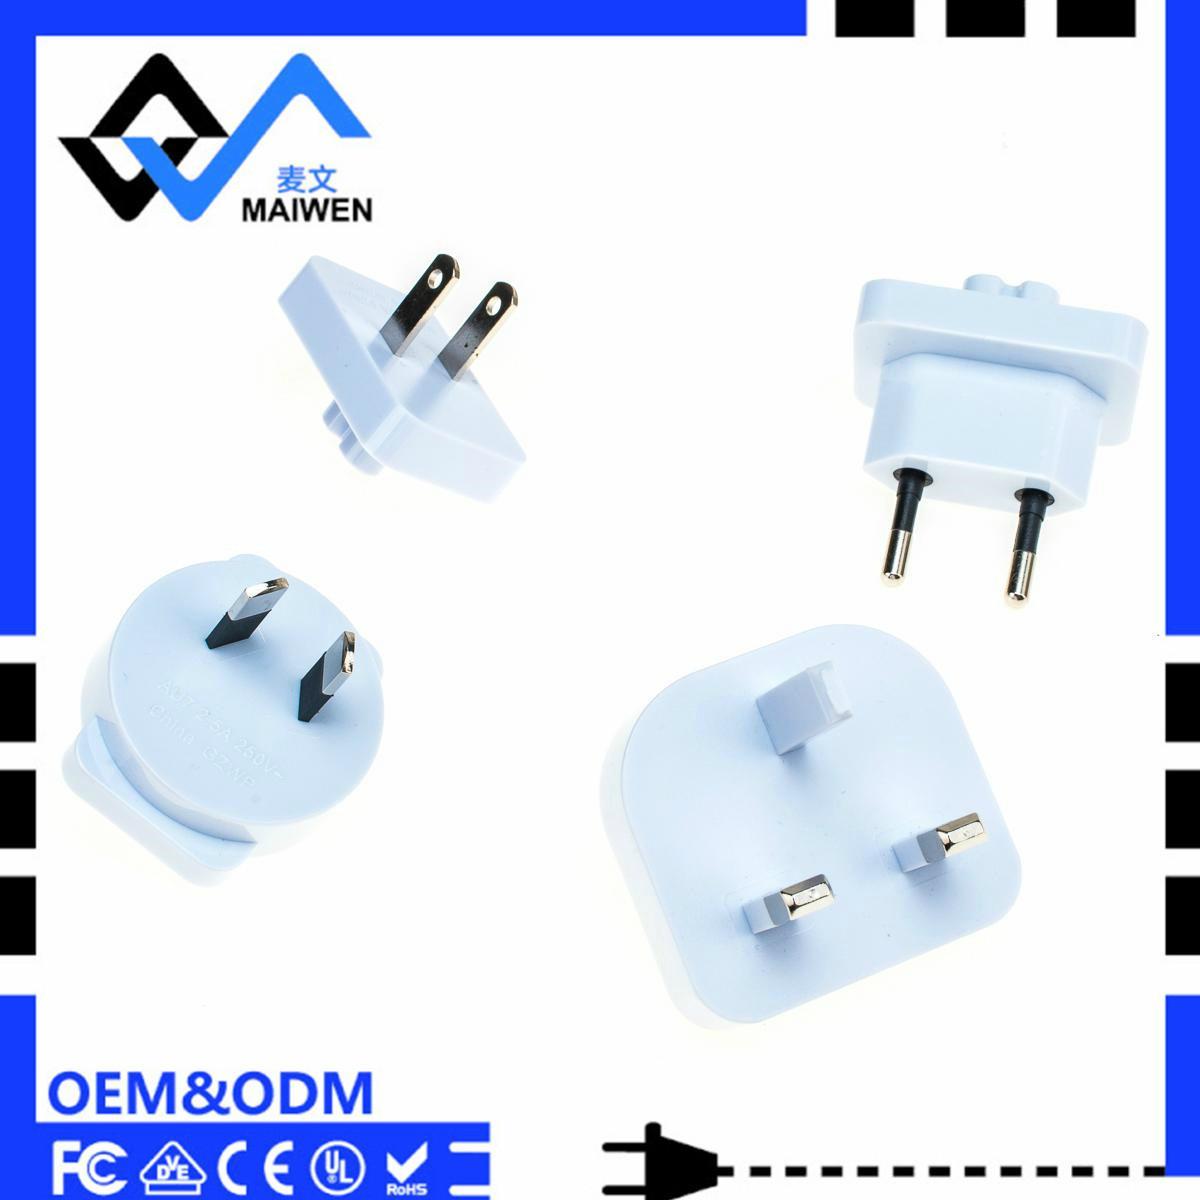 3.1A 双USB充电器套装带欧规,美规,英规,澳规插头 4